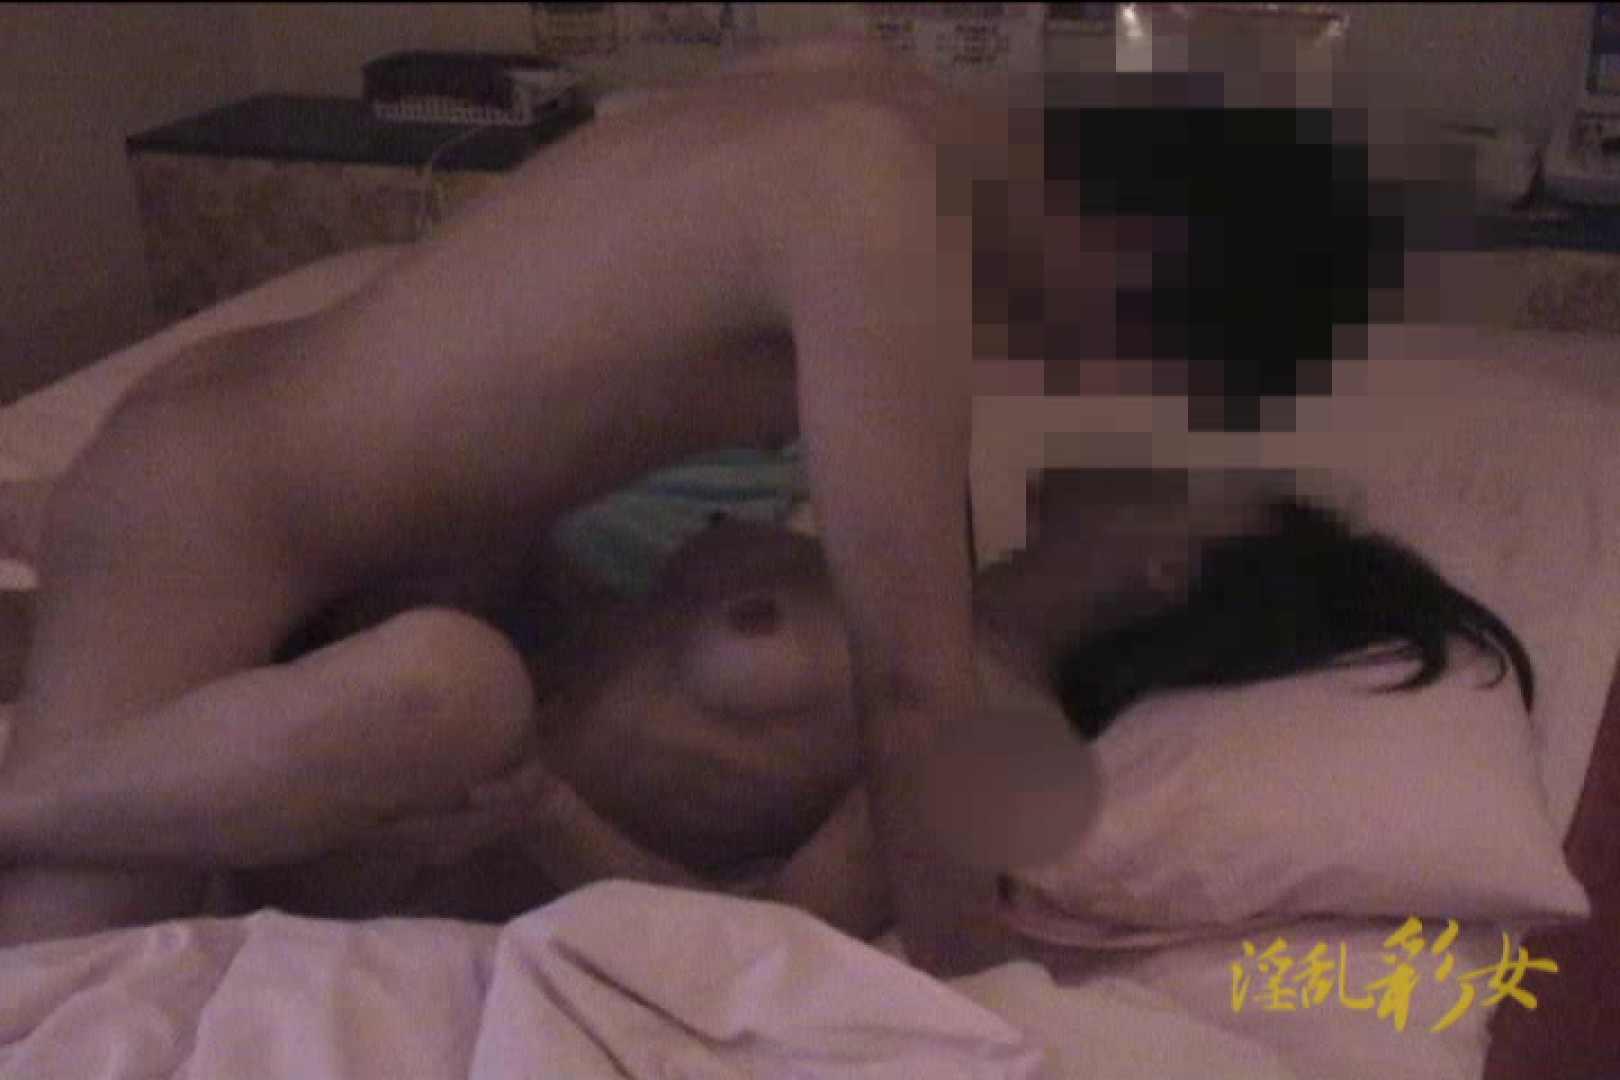 淫乱彩女 麻優里 旦那さんが撮影中に単独さんと!! 淫乱  104連発 55